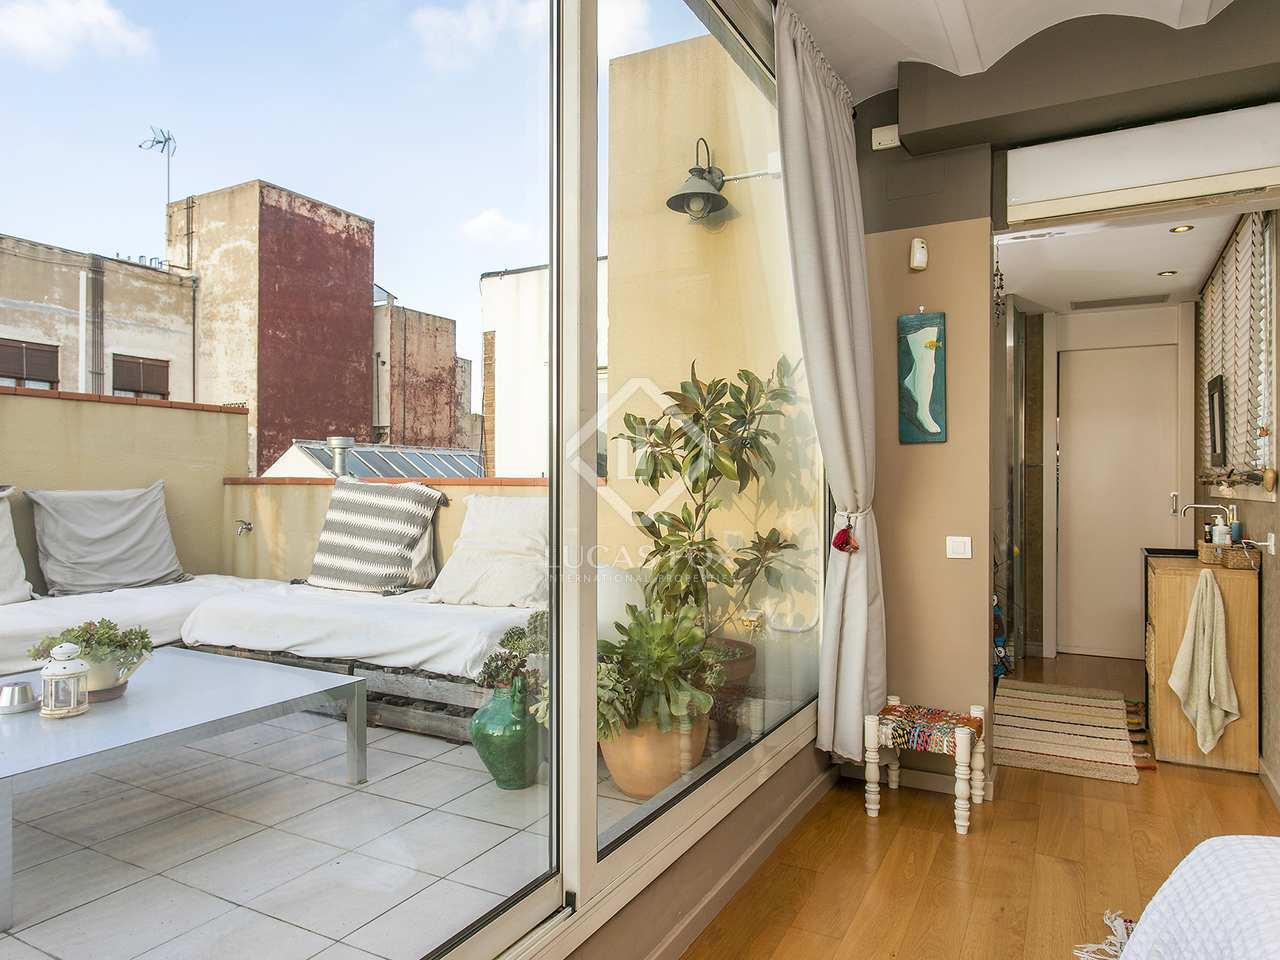 Appartement de 120m a louer gr cia avec 90m terrasse for Appartement a louer a barcelone avec piscine